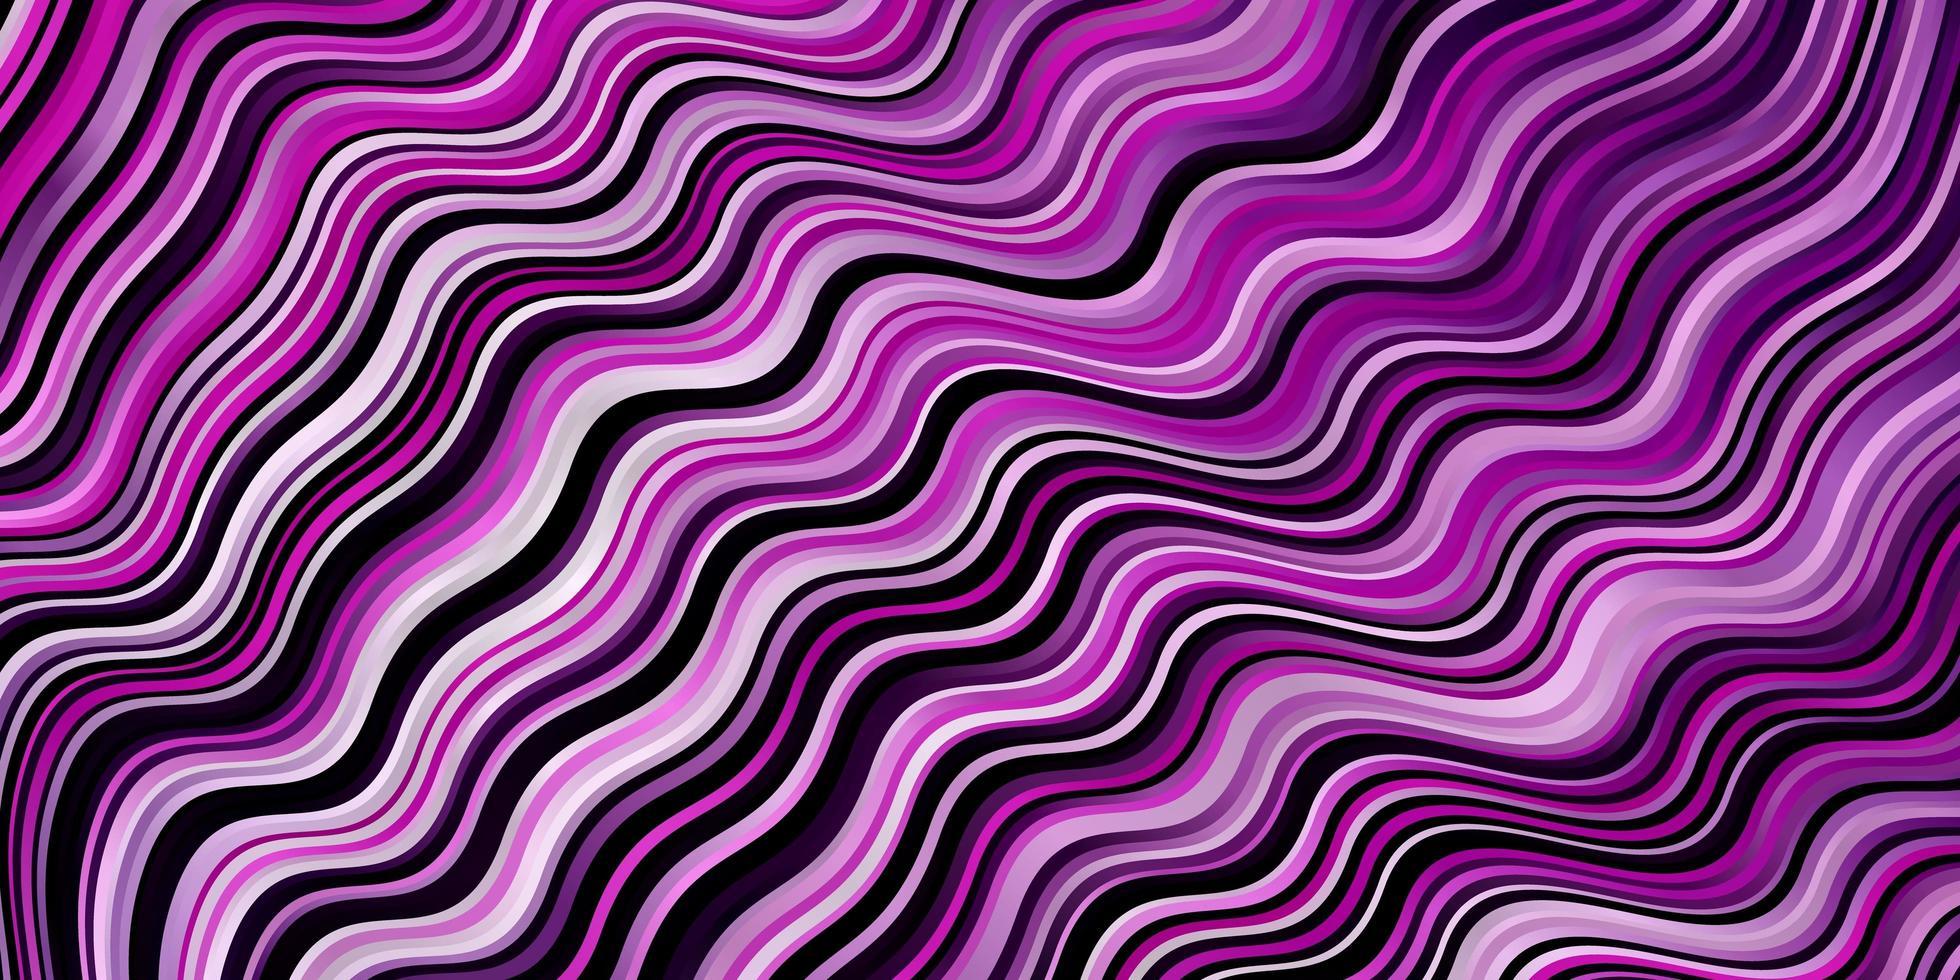 hellviolette Vektorschablone mit Linien. vektor